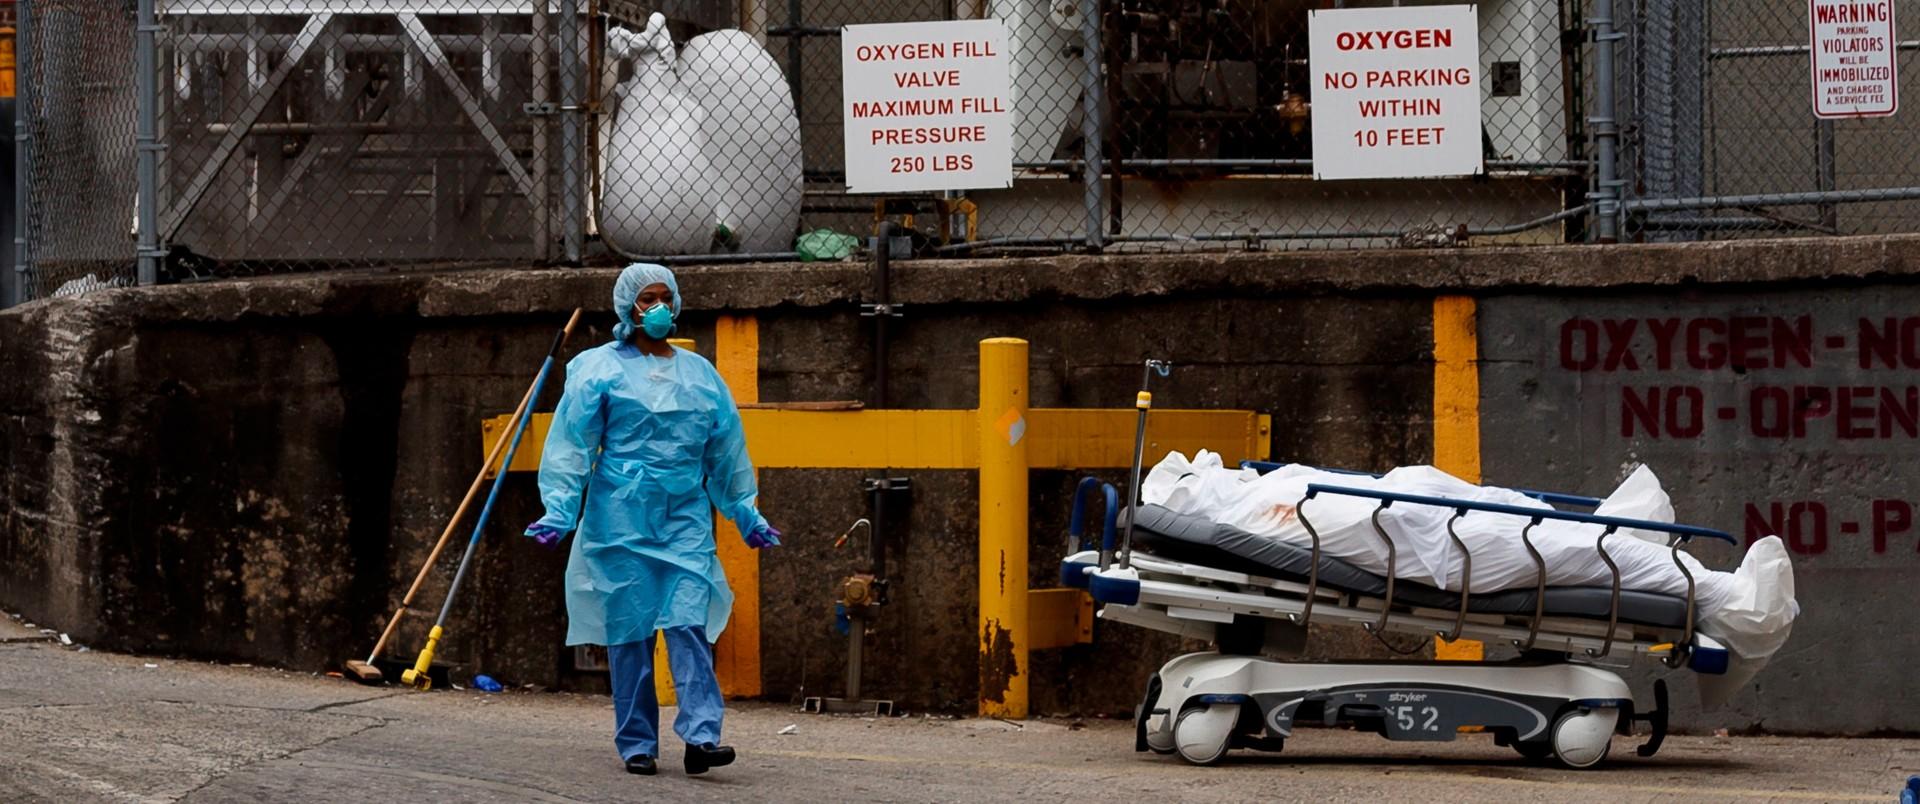 Szpitale w Nowym Jorku nie mają gdzie przechowywać zwłok osób, które zmarły z powodu koronawirusa